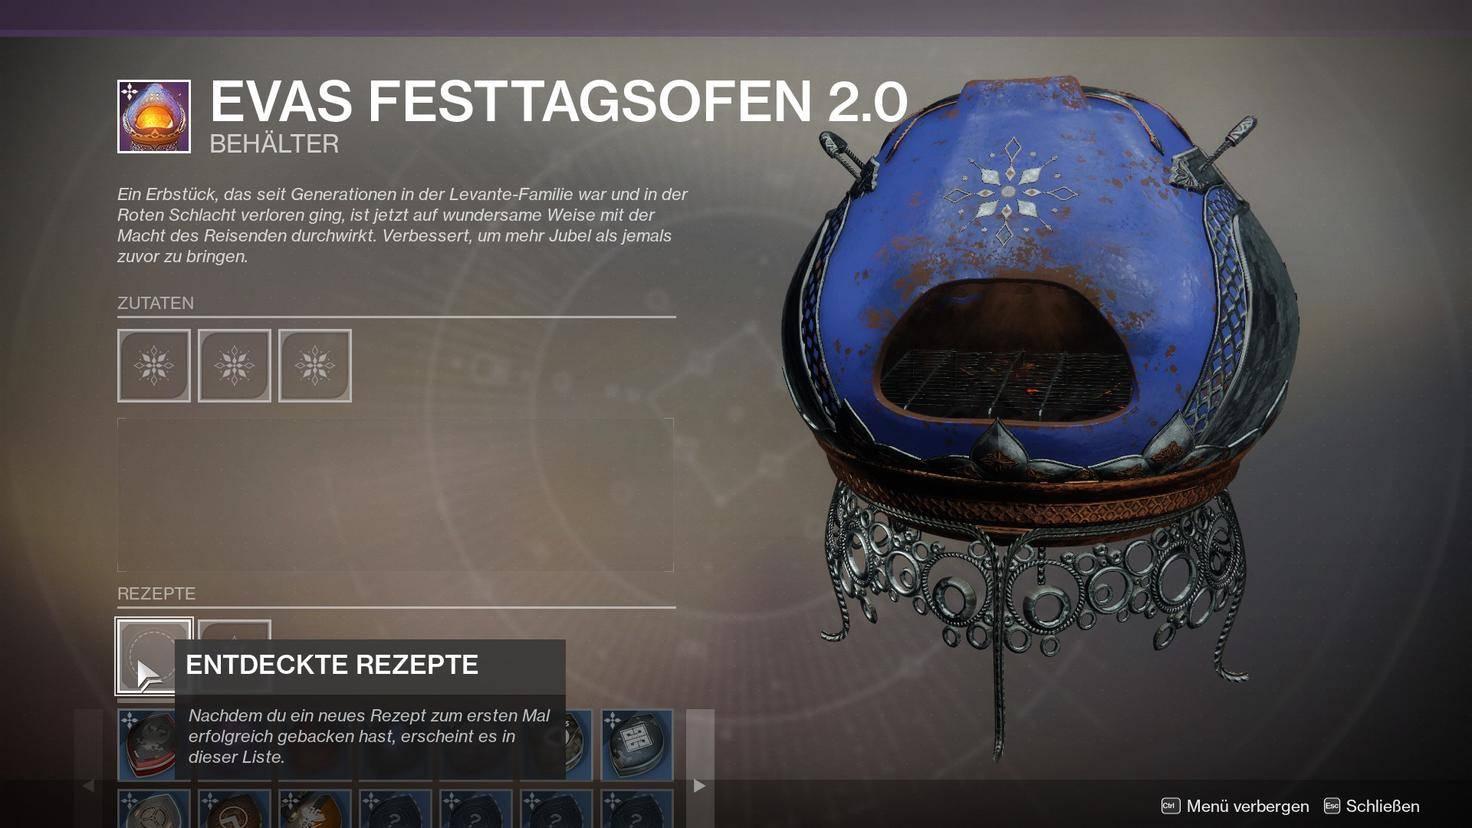 destiny-2-der-anbruch-2019-ofen-rezepte